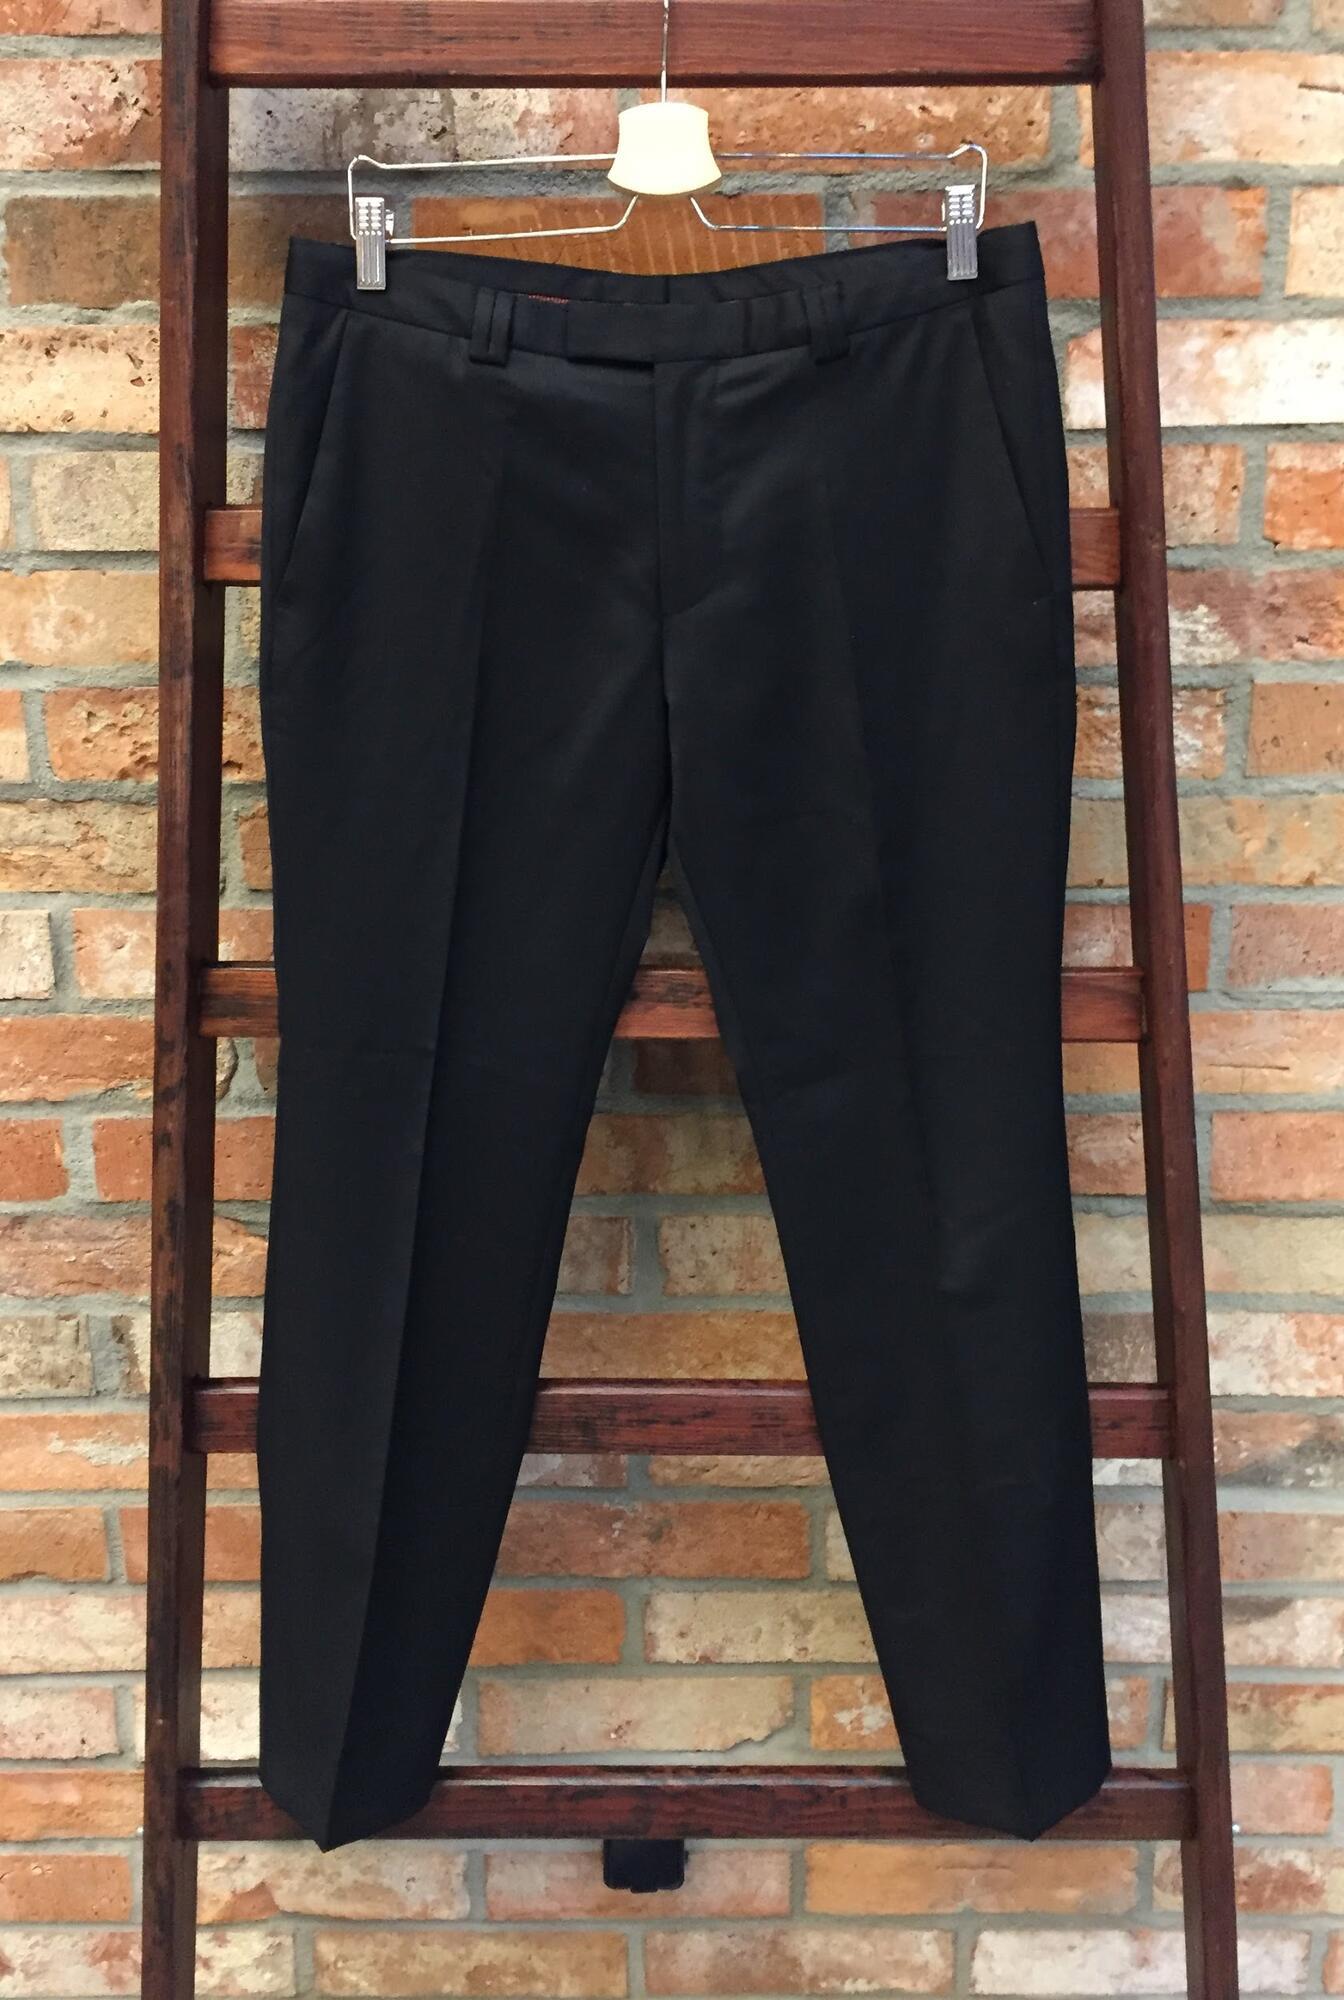 Spodnie HUGO BOSS wełniane czarne - Vintage Store   JestemSlow.pl